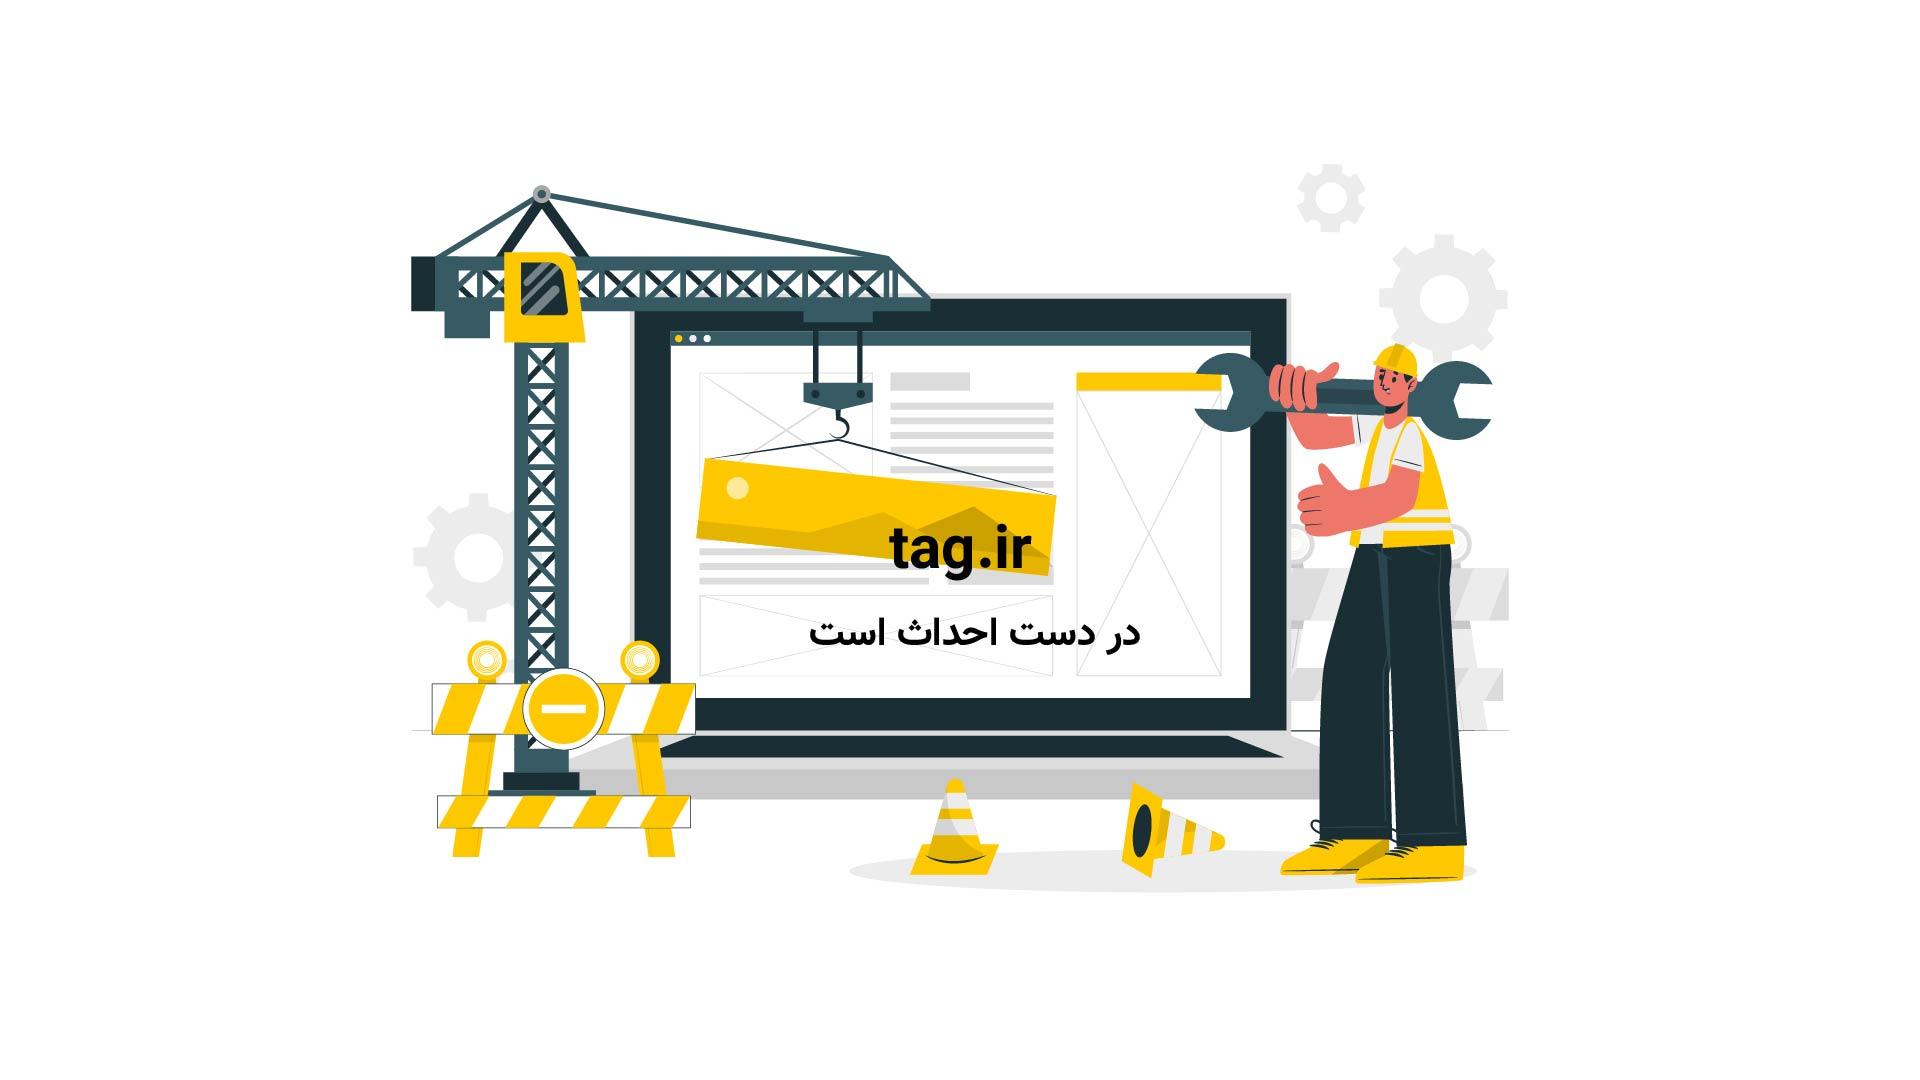 گل کاغذی | تگ